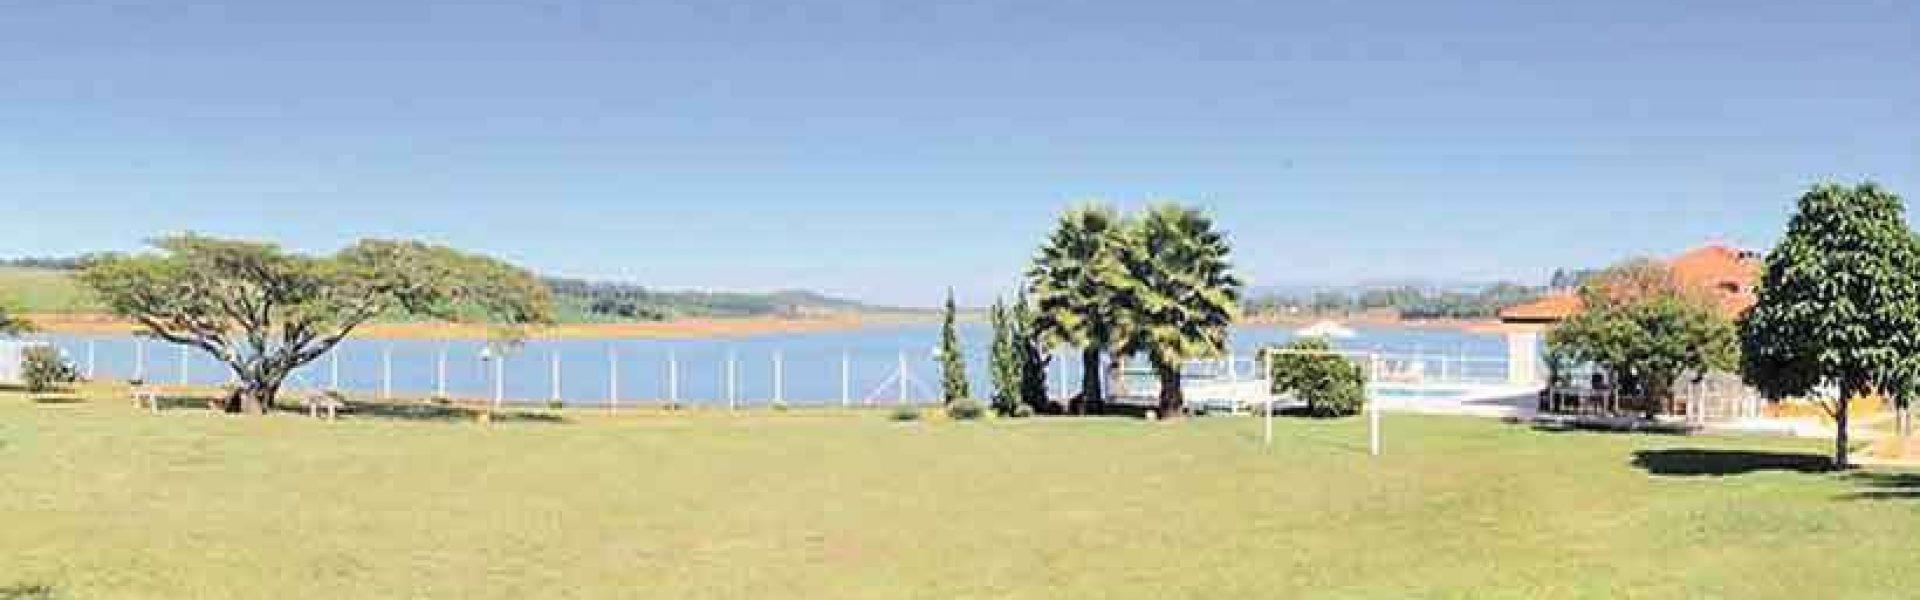 No Sudoeste de Minas, a represa de Furnas, mantida pela empresa homônima, continua com os níveis abaixo da cota mínima de 762 metros, estabelecida por emenda à Constituição estadual (foto:Divulgação/Alago)